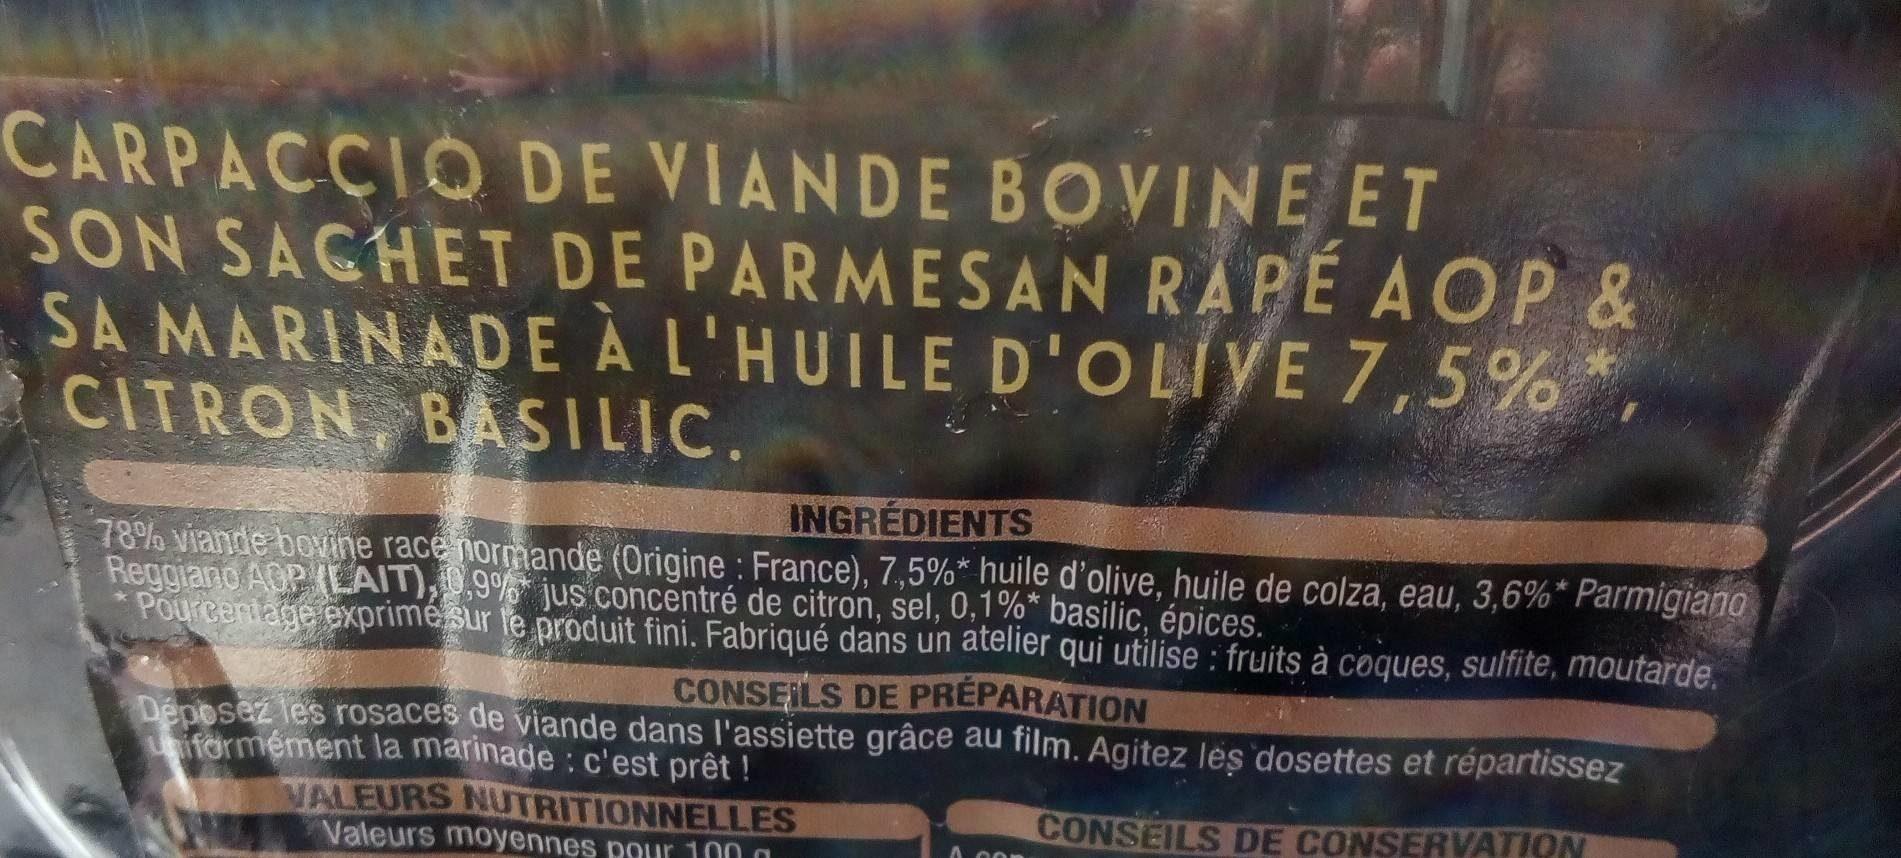 Carpaccio parmigiano reggiano aop - Ingrédients - fr